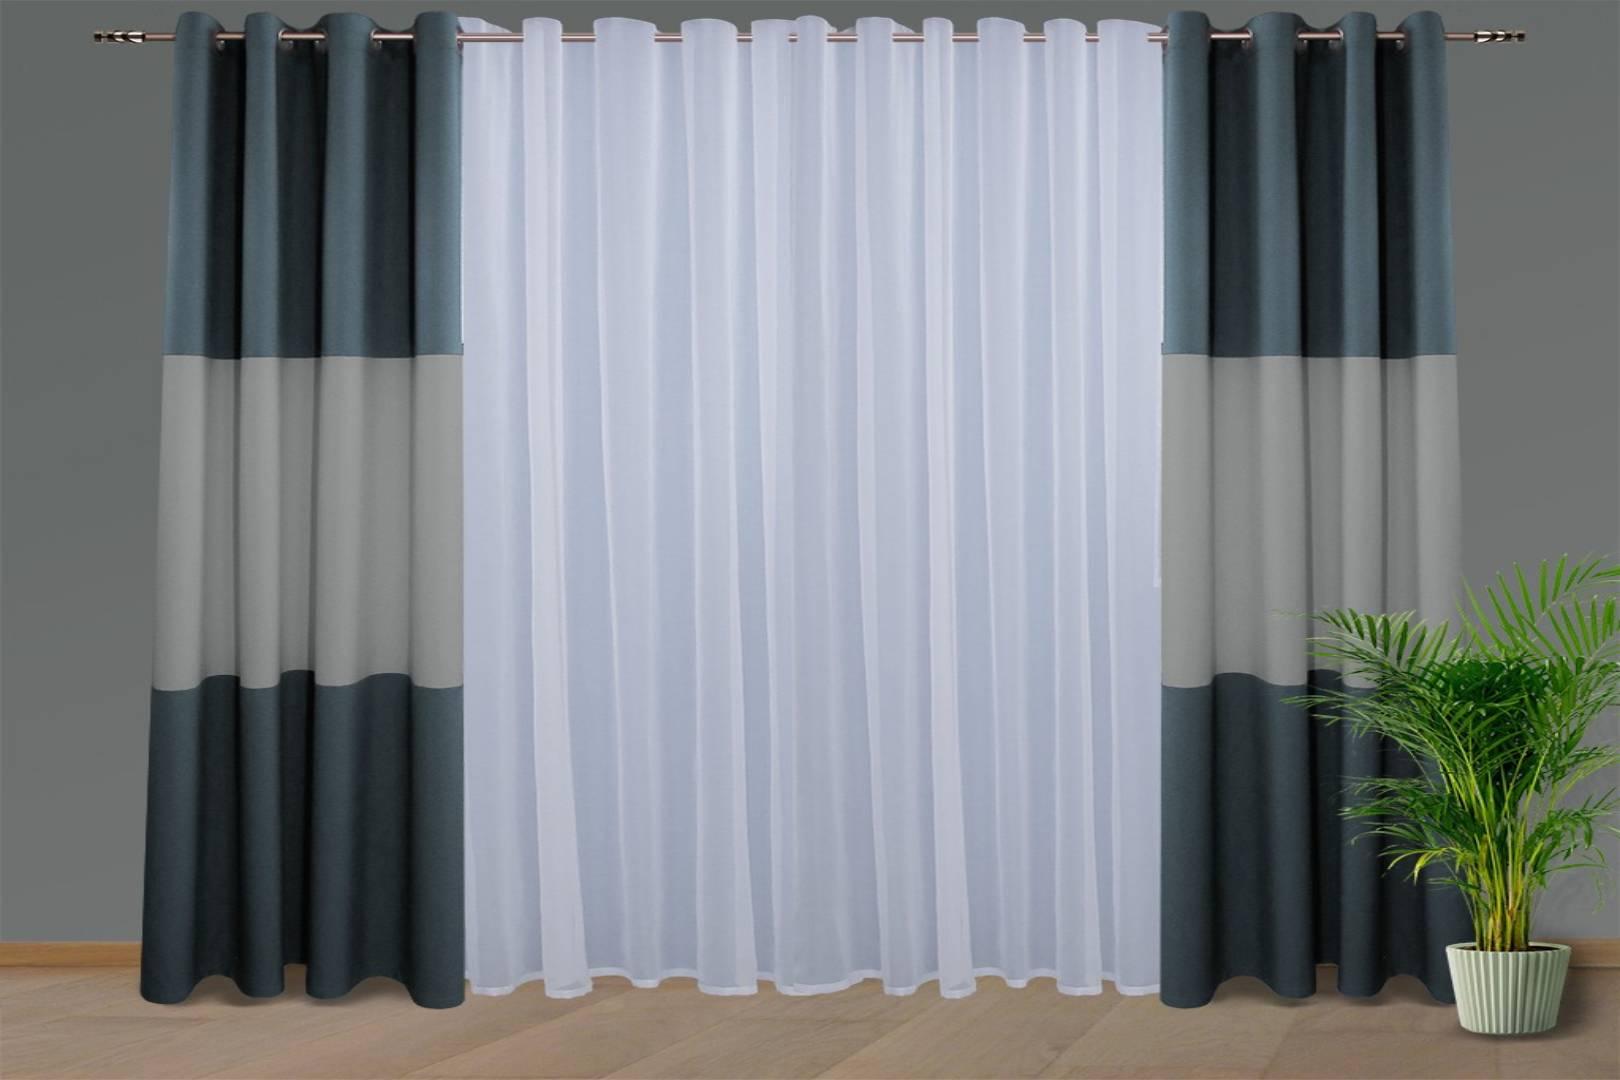 Nowoczesne Tkaniny Zaslonowe Na Wymiar Zaslony Zaciemniajace Lekki Material Prima Tkaniny